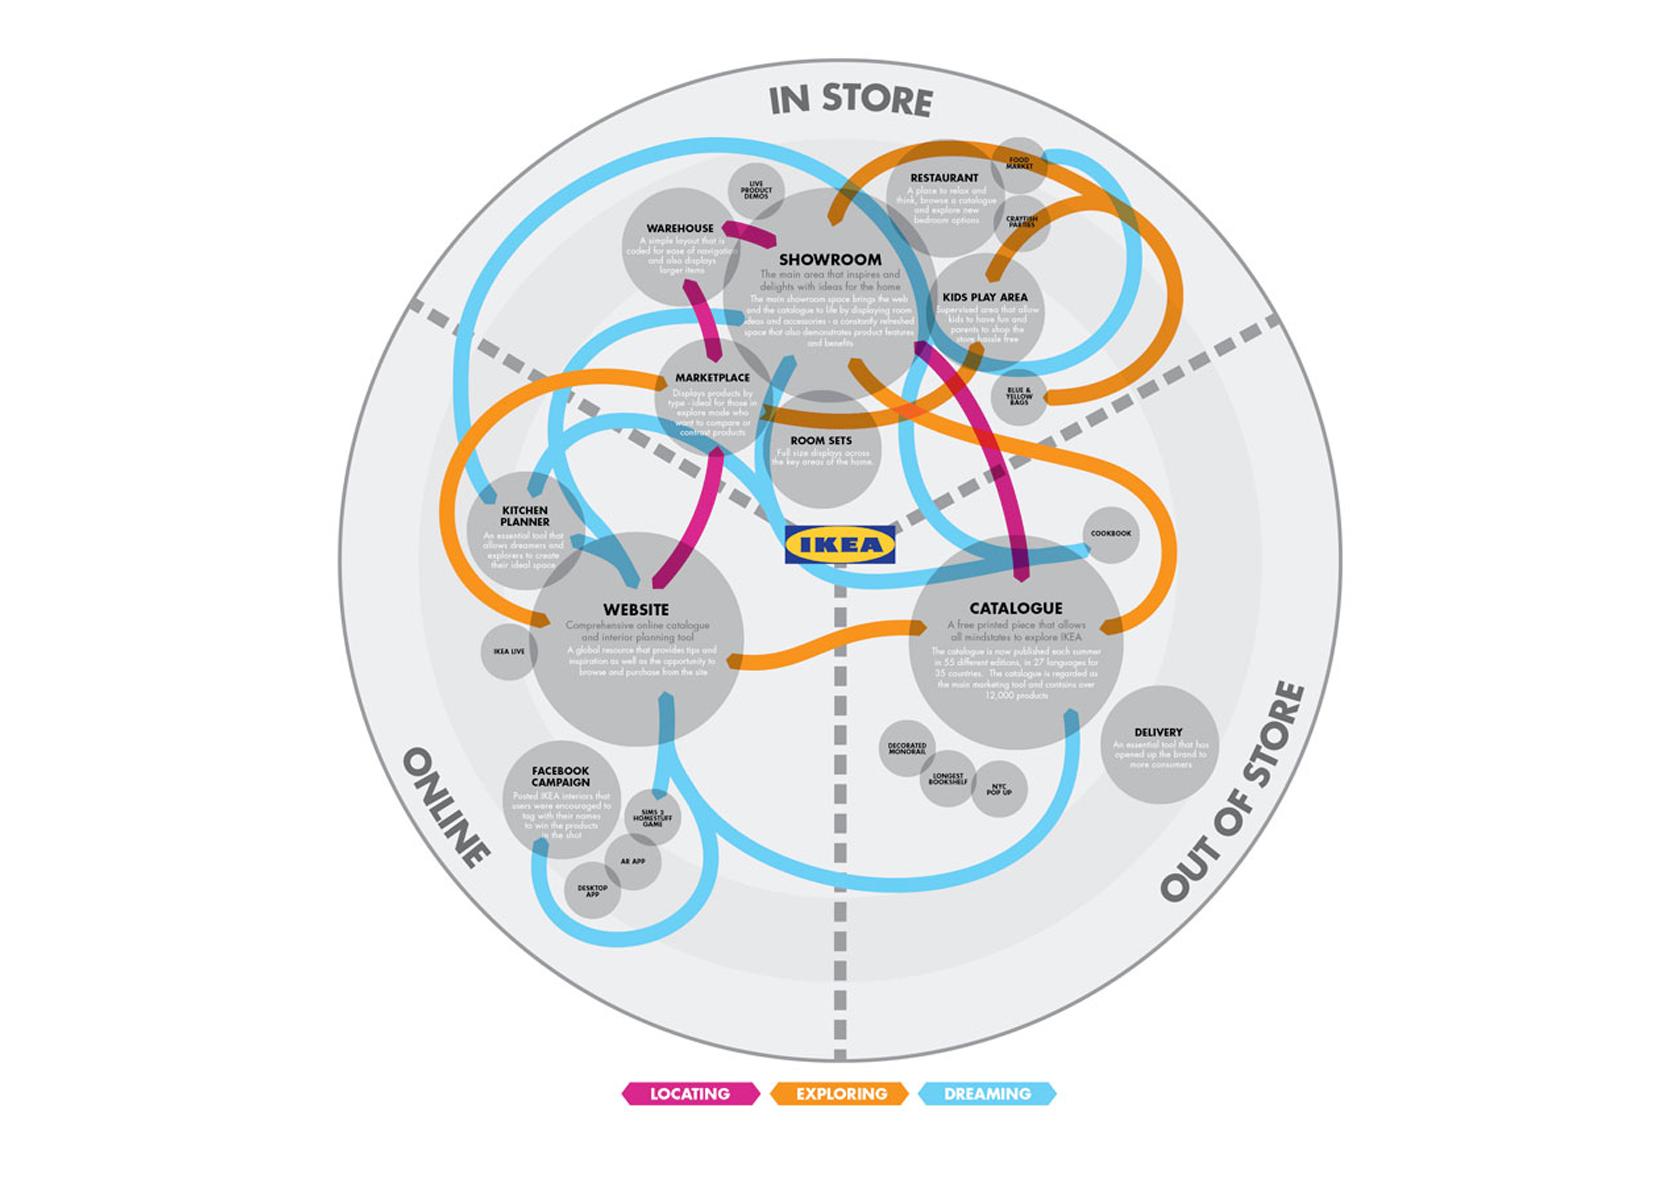 modèle de parcours du client avec points de contact numériques et physiques